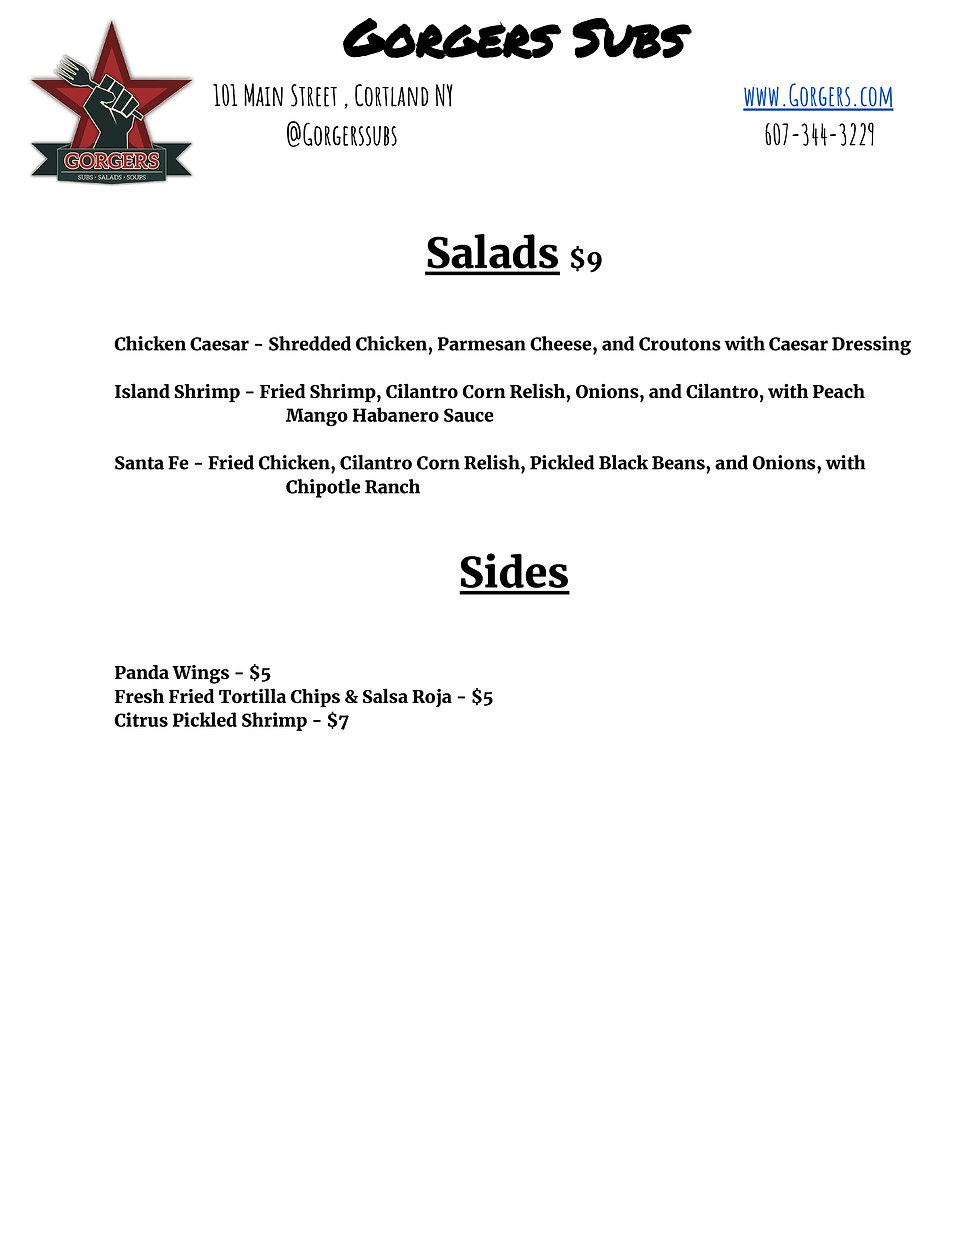 gorgers cortland menu2.jpg